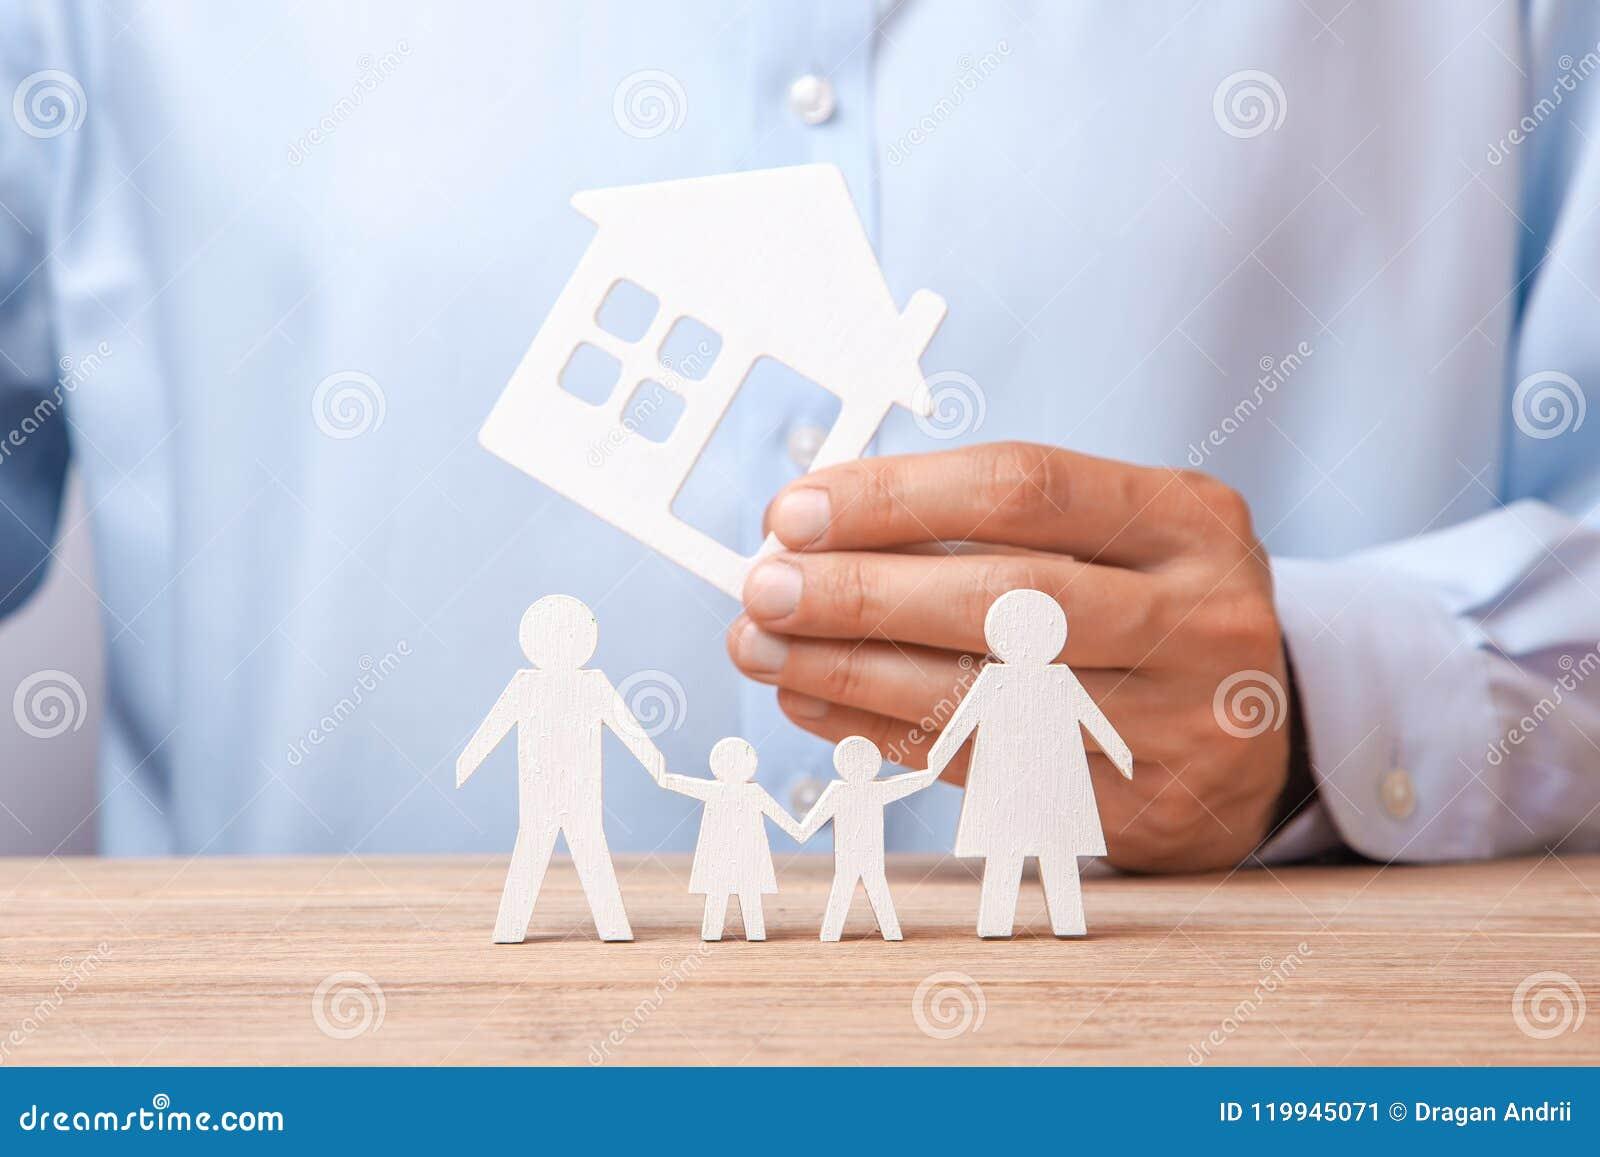 Concept het huren van huis, krediet of verzekering De mens in overhemd houdt huis en de familie bevindt zich naast hem